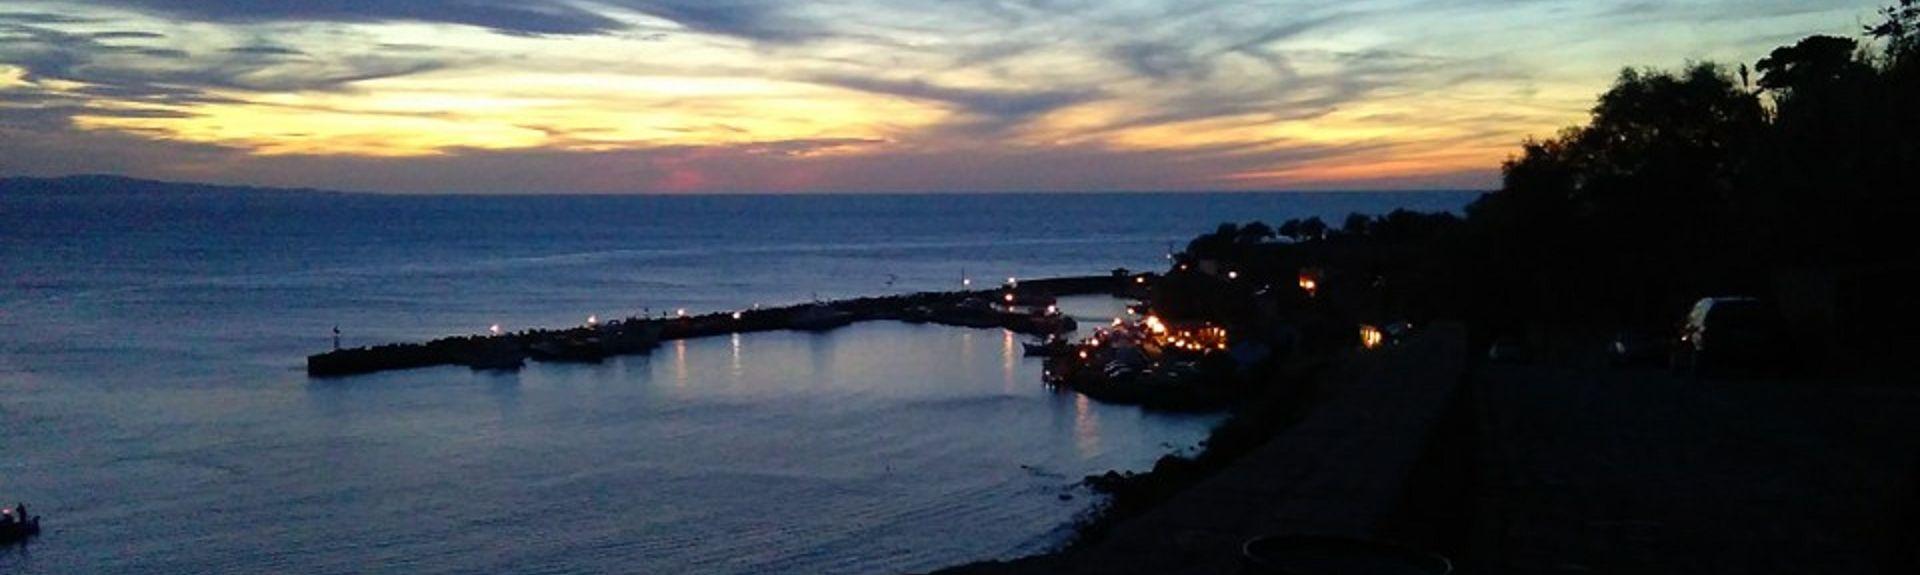 Mithimna, Lesvos, North Aegean Islands, Greece